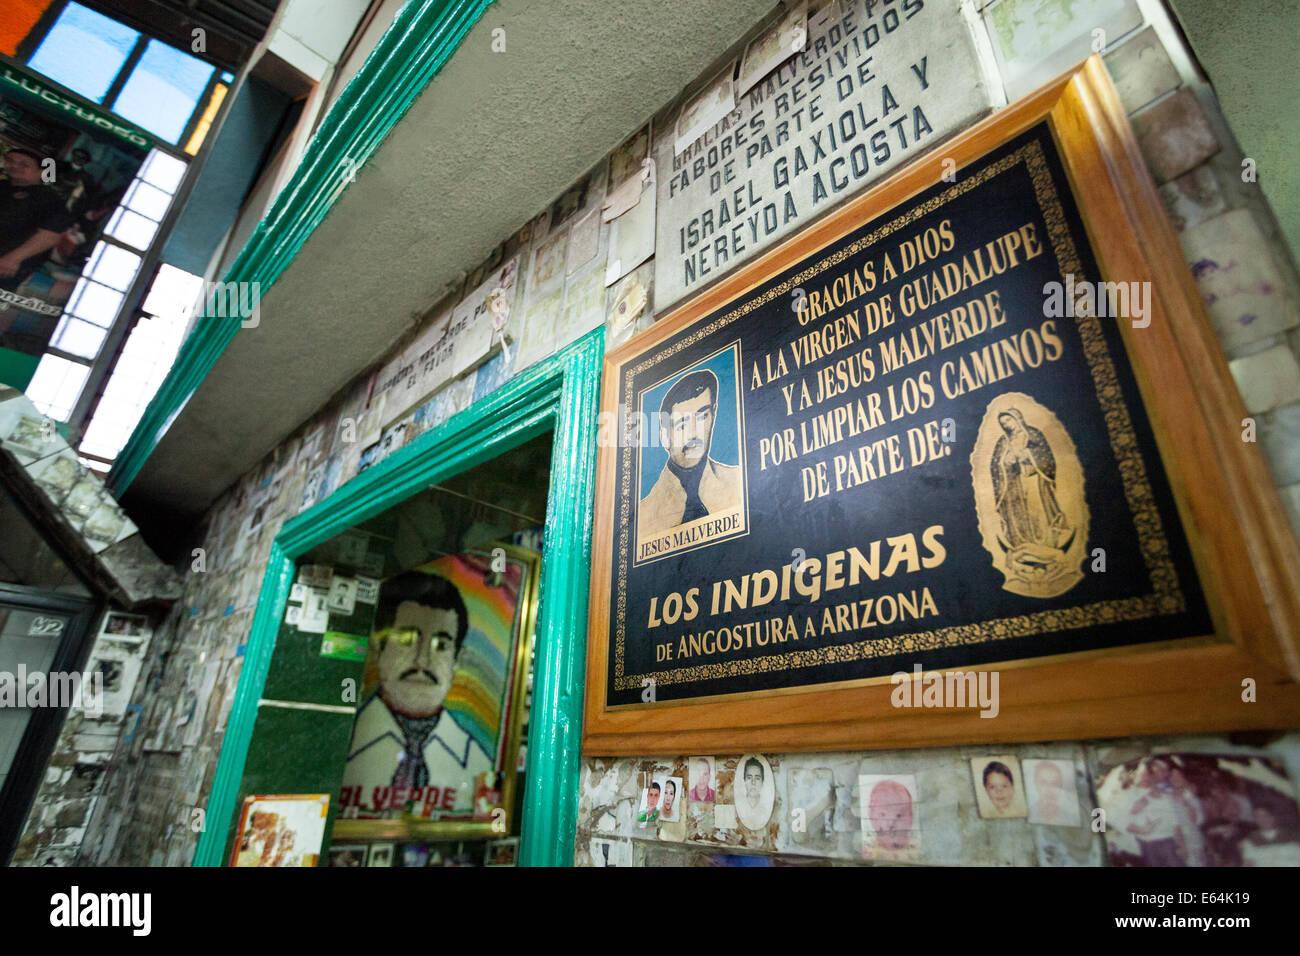 Una placca di ringraziamento a Gesù malverde presso un santuario dedicato a malverde, patrono del traffico Immagini Stock